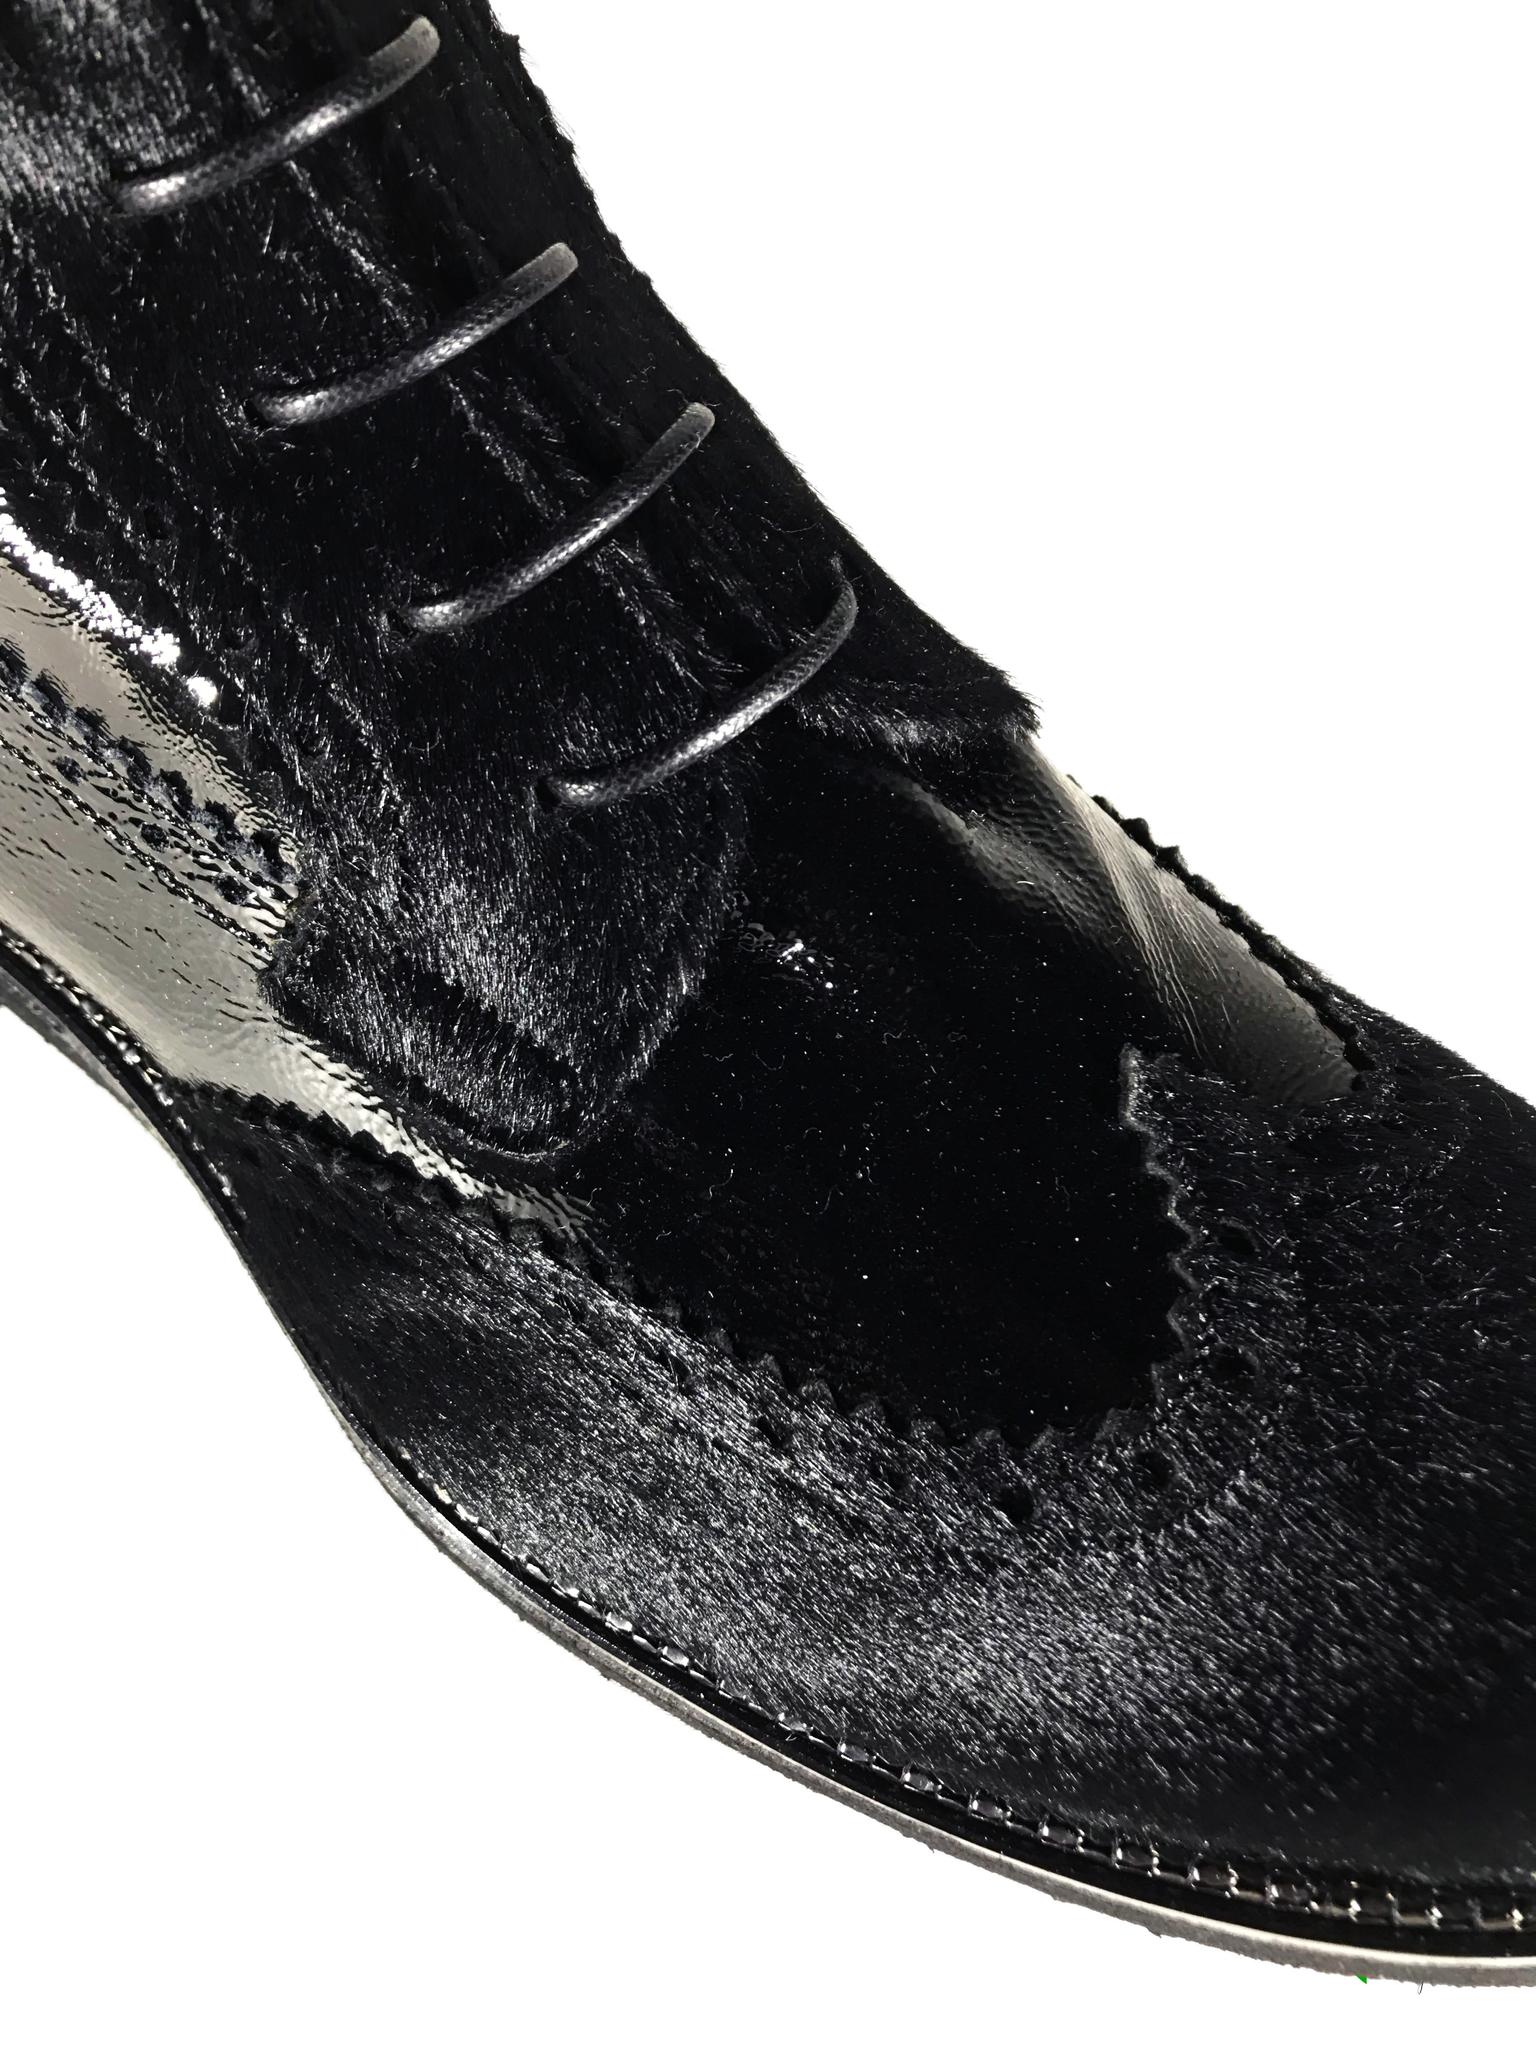 Зимние ботинки Laura Bellariva из кожи наплак 5516, артикул 5516, сезон зима, цвет чёрный, материал кожа наплак, мех каваллино, цена 18 500 руб., veroitaly.ru